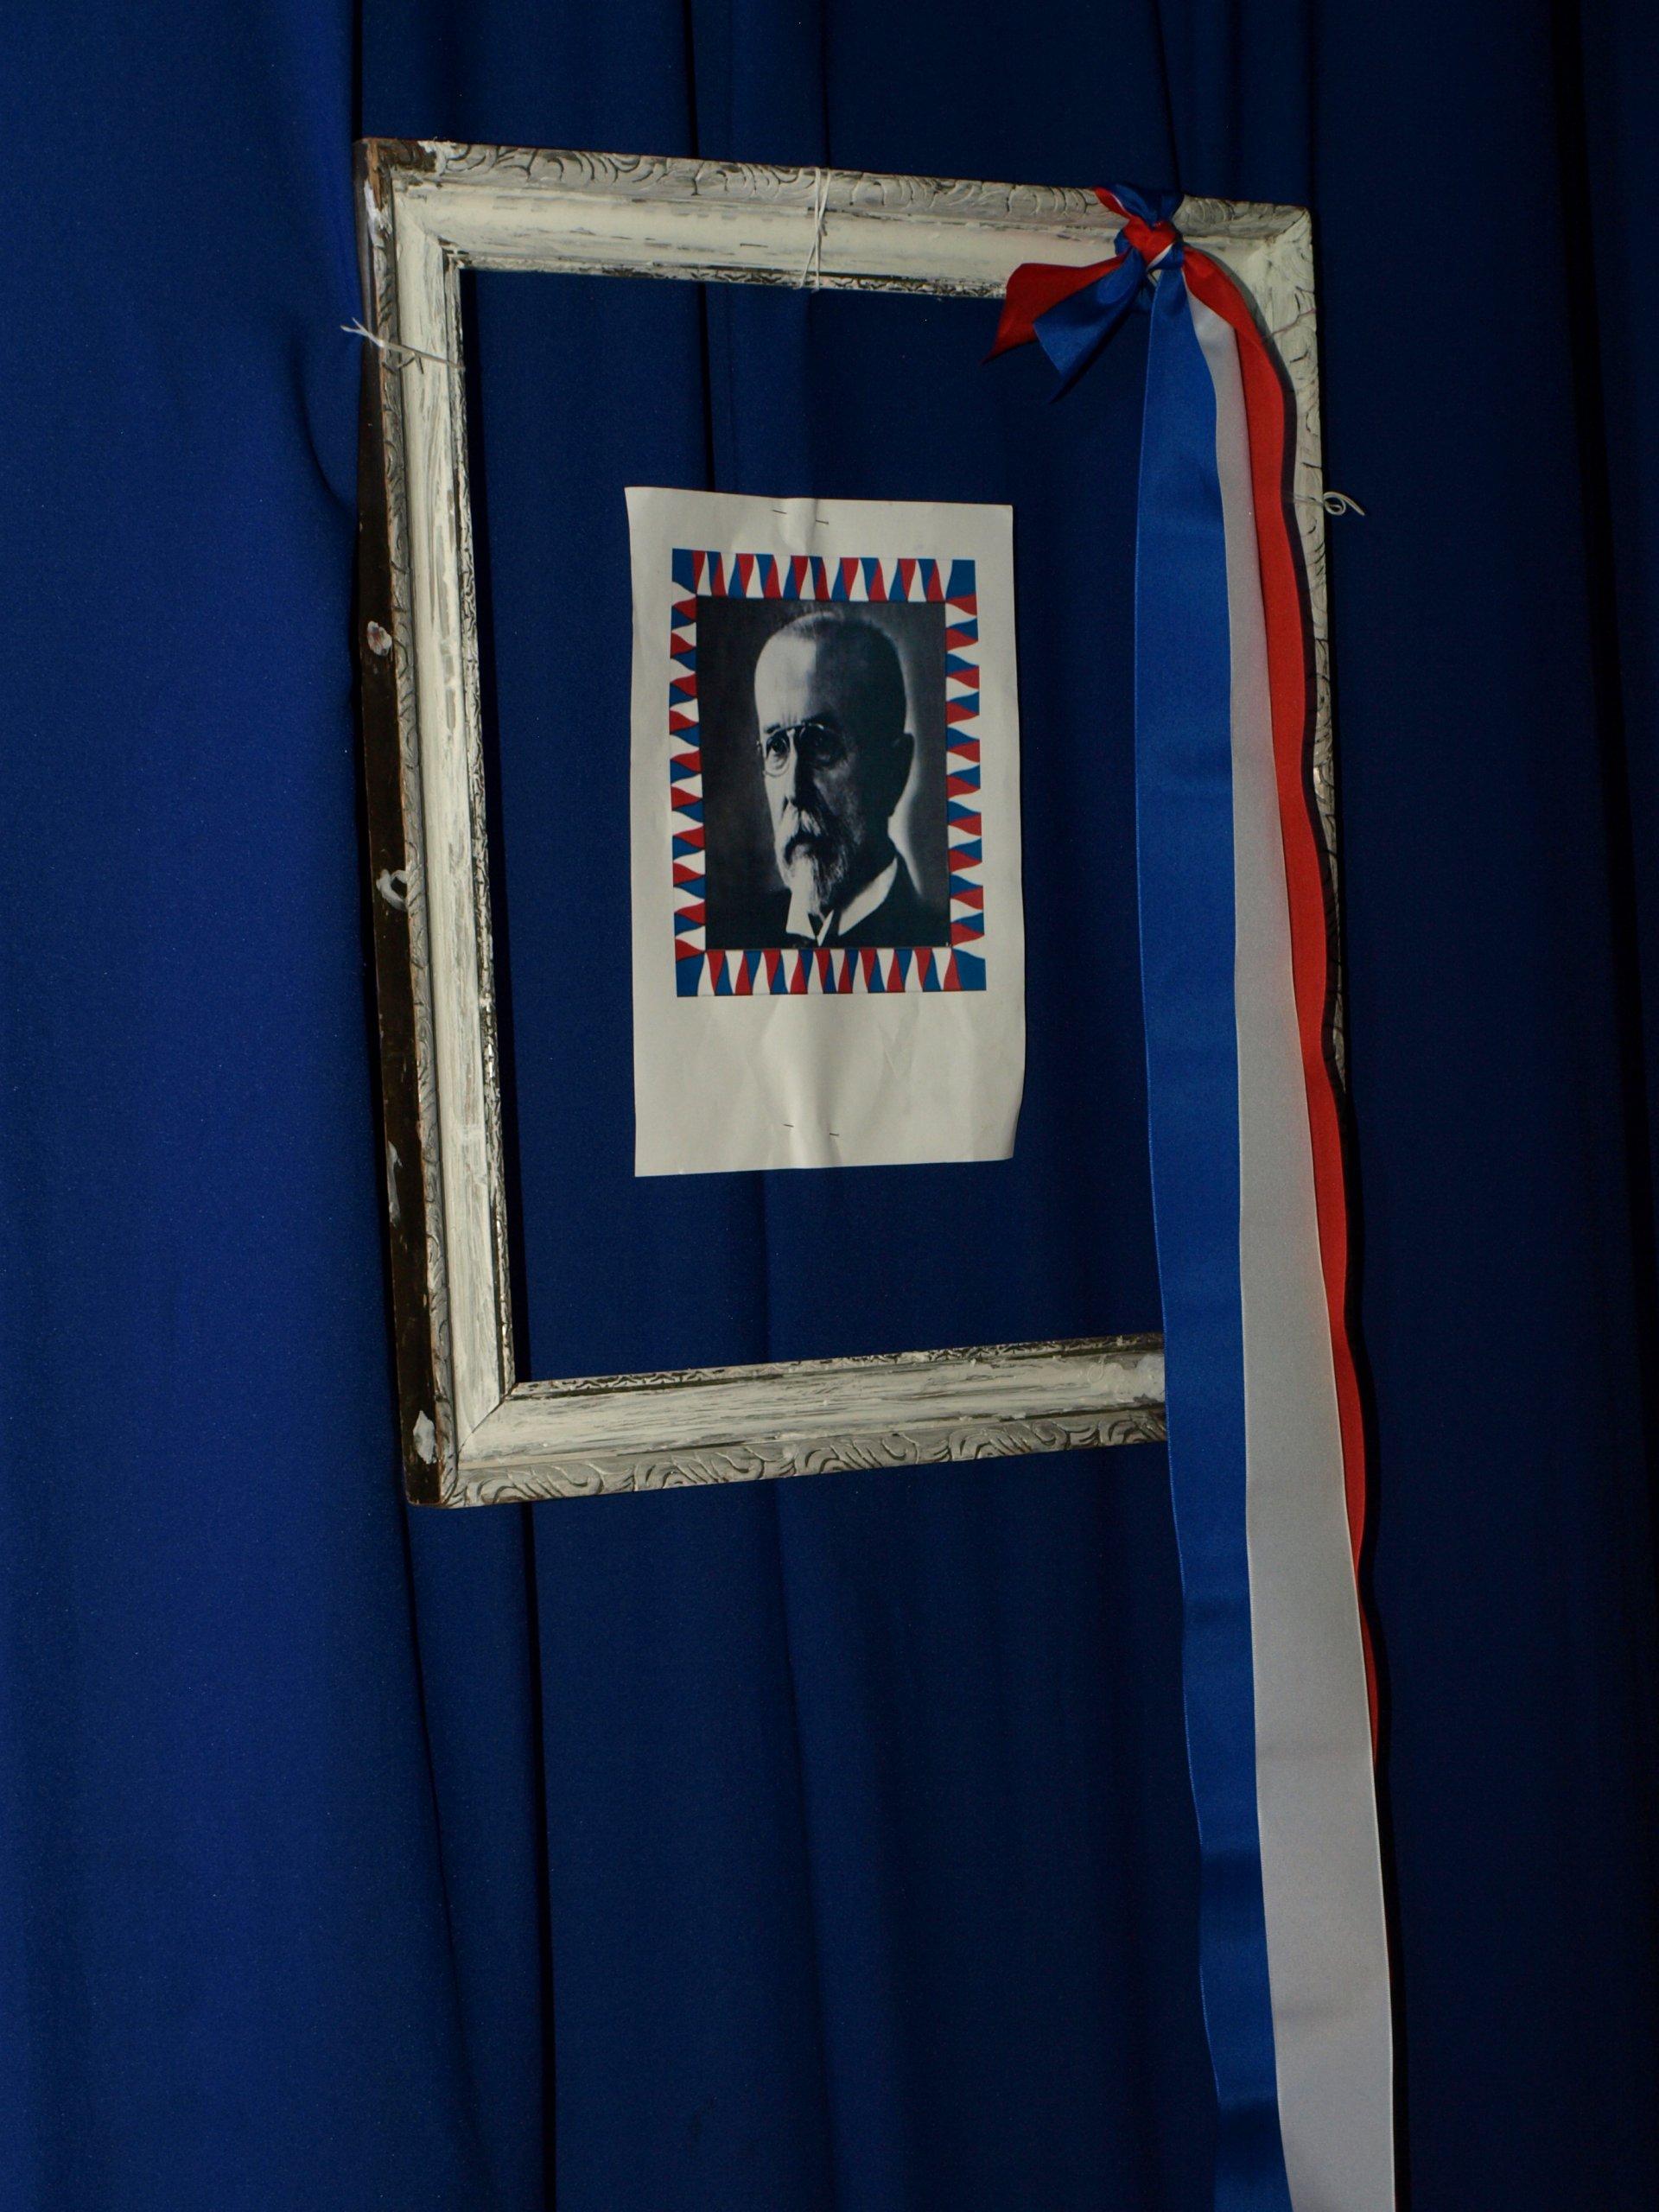 Slavnostní akademie k 105. výročí školy a 100. výročí republiky